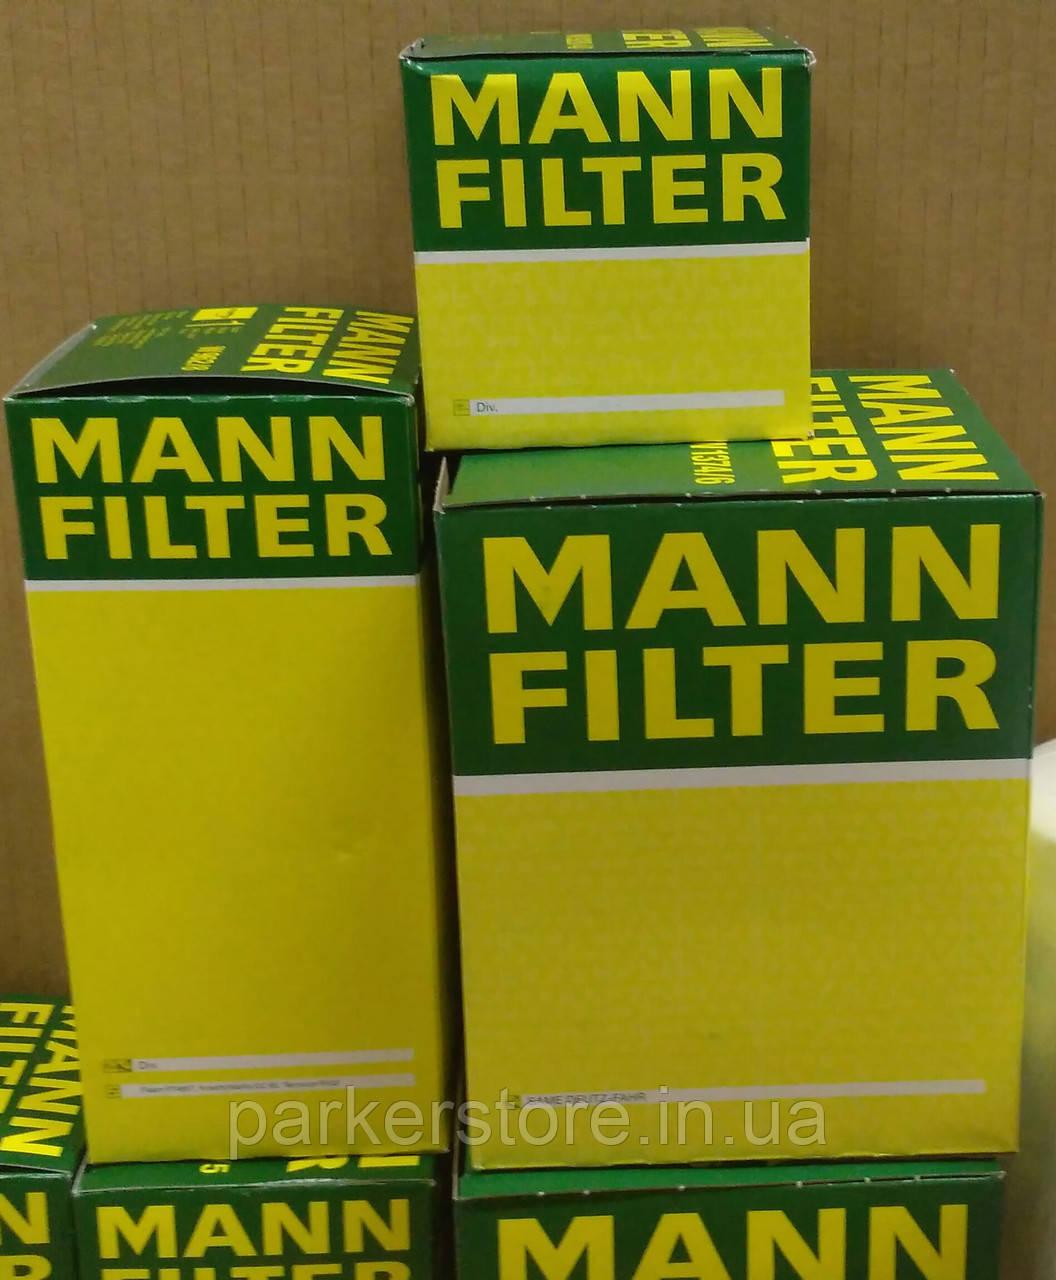 MANN FILTER / Повітряний фільтр / C 2376 / C2376